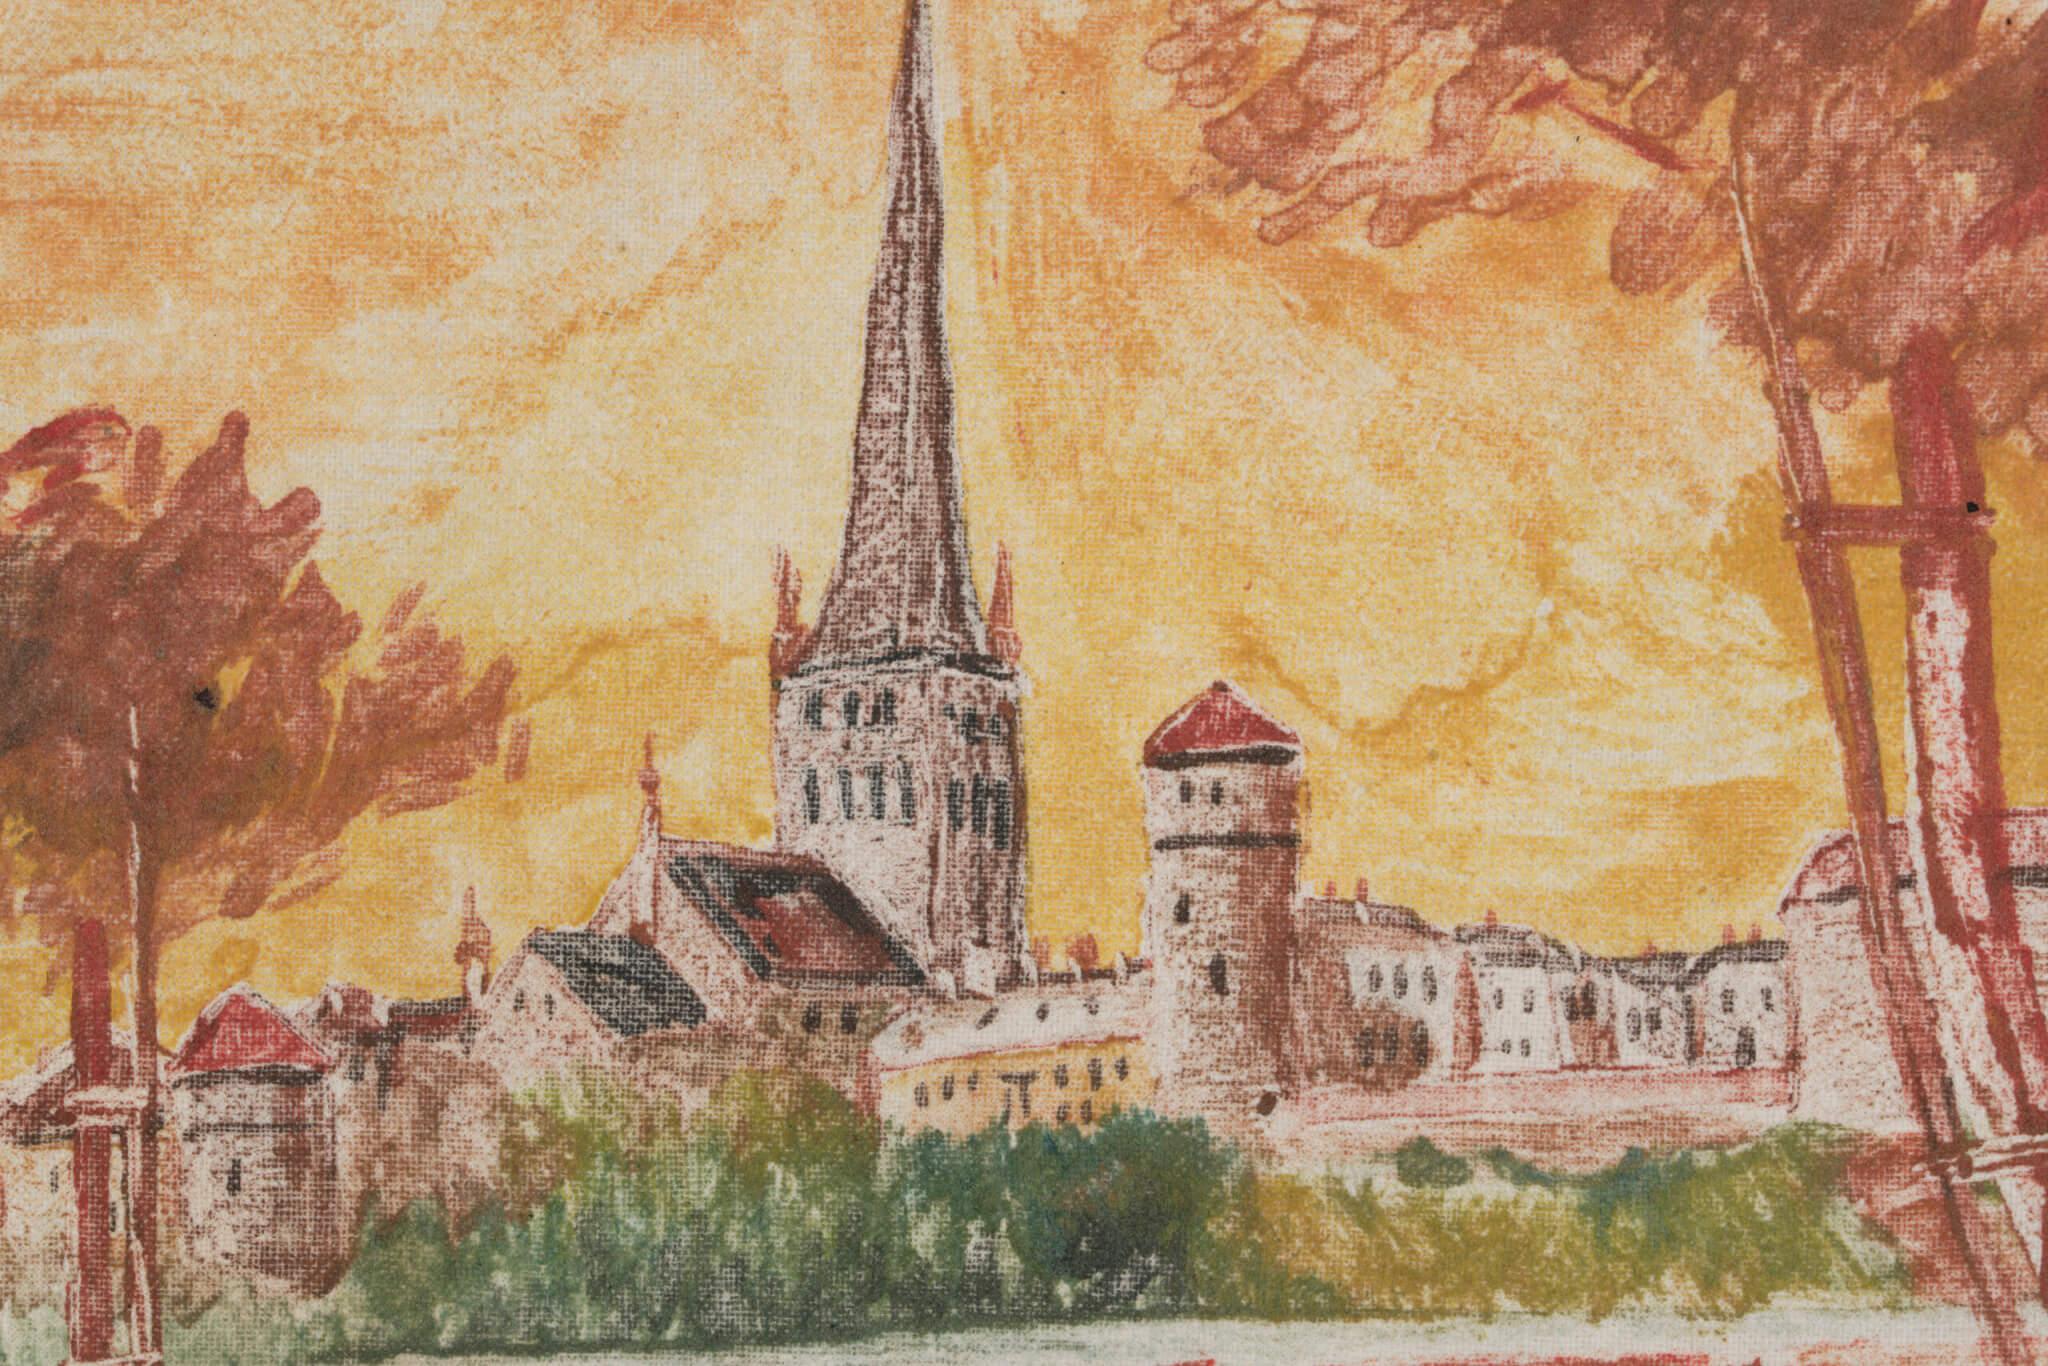 Nikolai-Kummits-Tallinn-monotüüpia-Allee-galerii